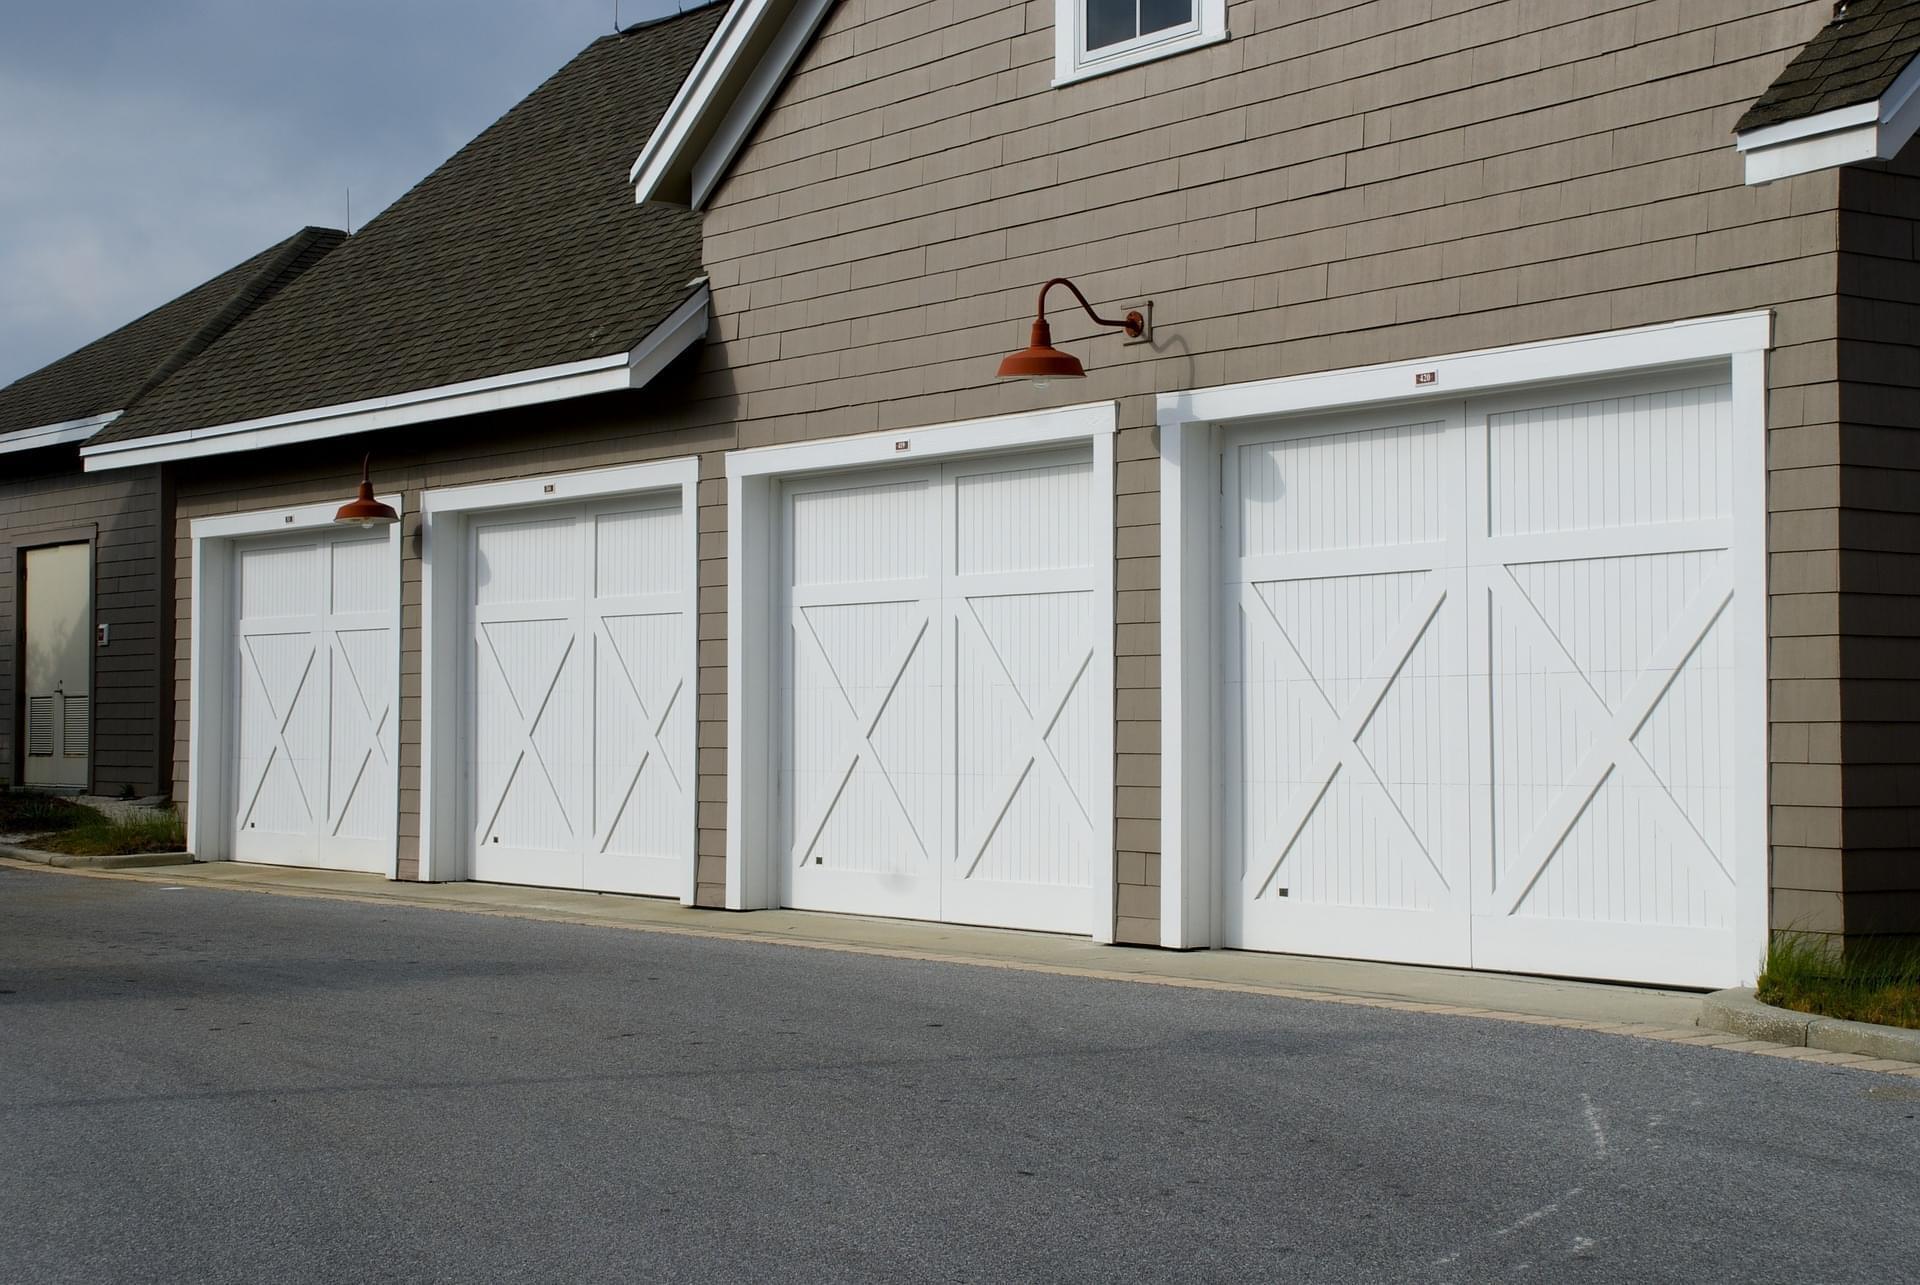 row of four white sliding garage doors